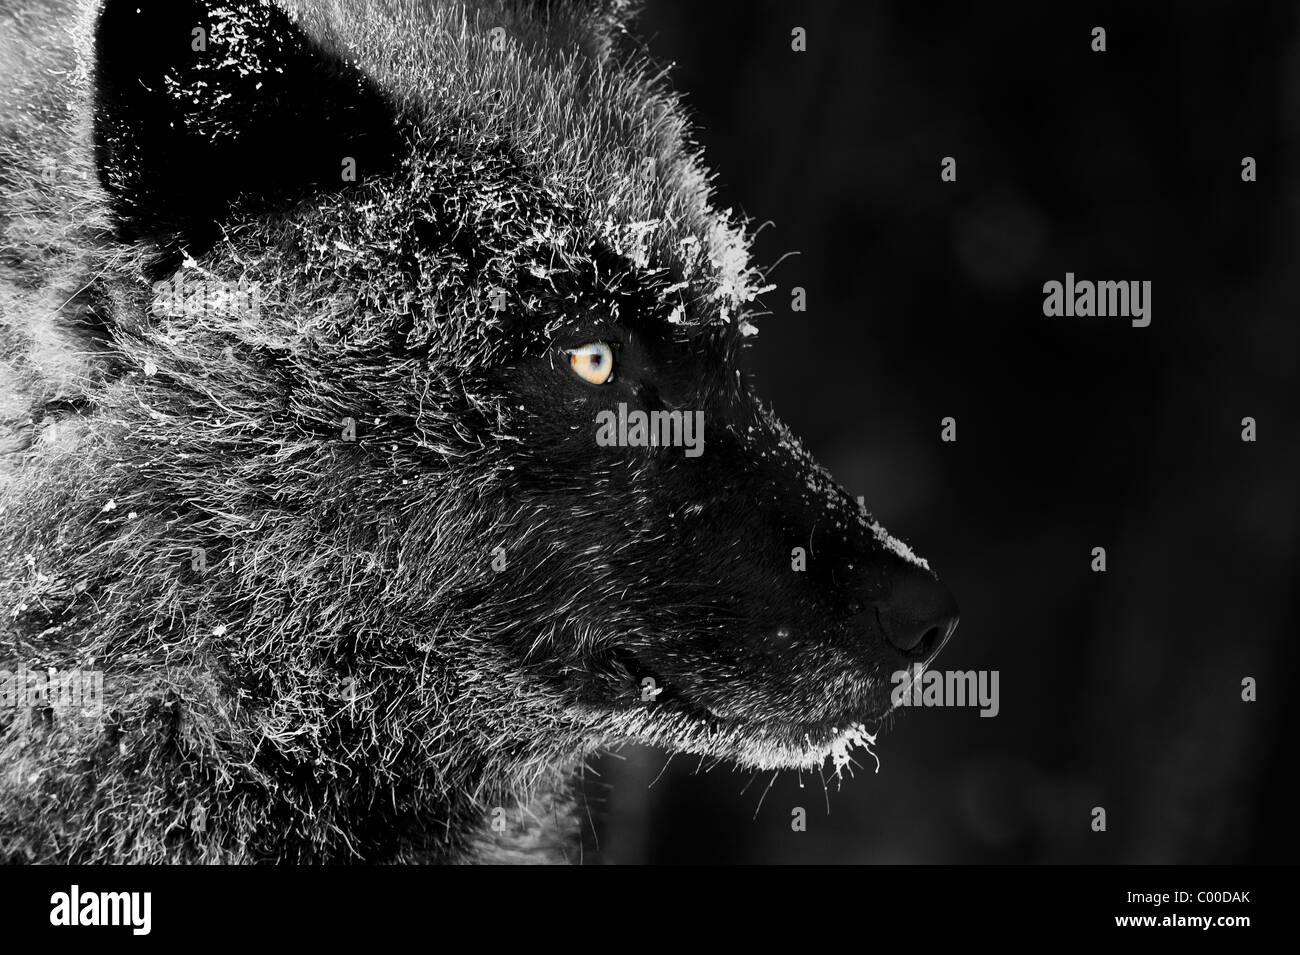 Un lupo Nero faccia con profilo coperto di brina pellicce provenienti da un freddo inverno sera nel Northwoods Immagini Stock